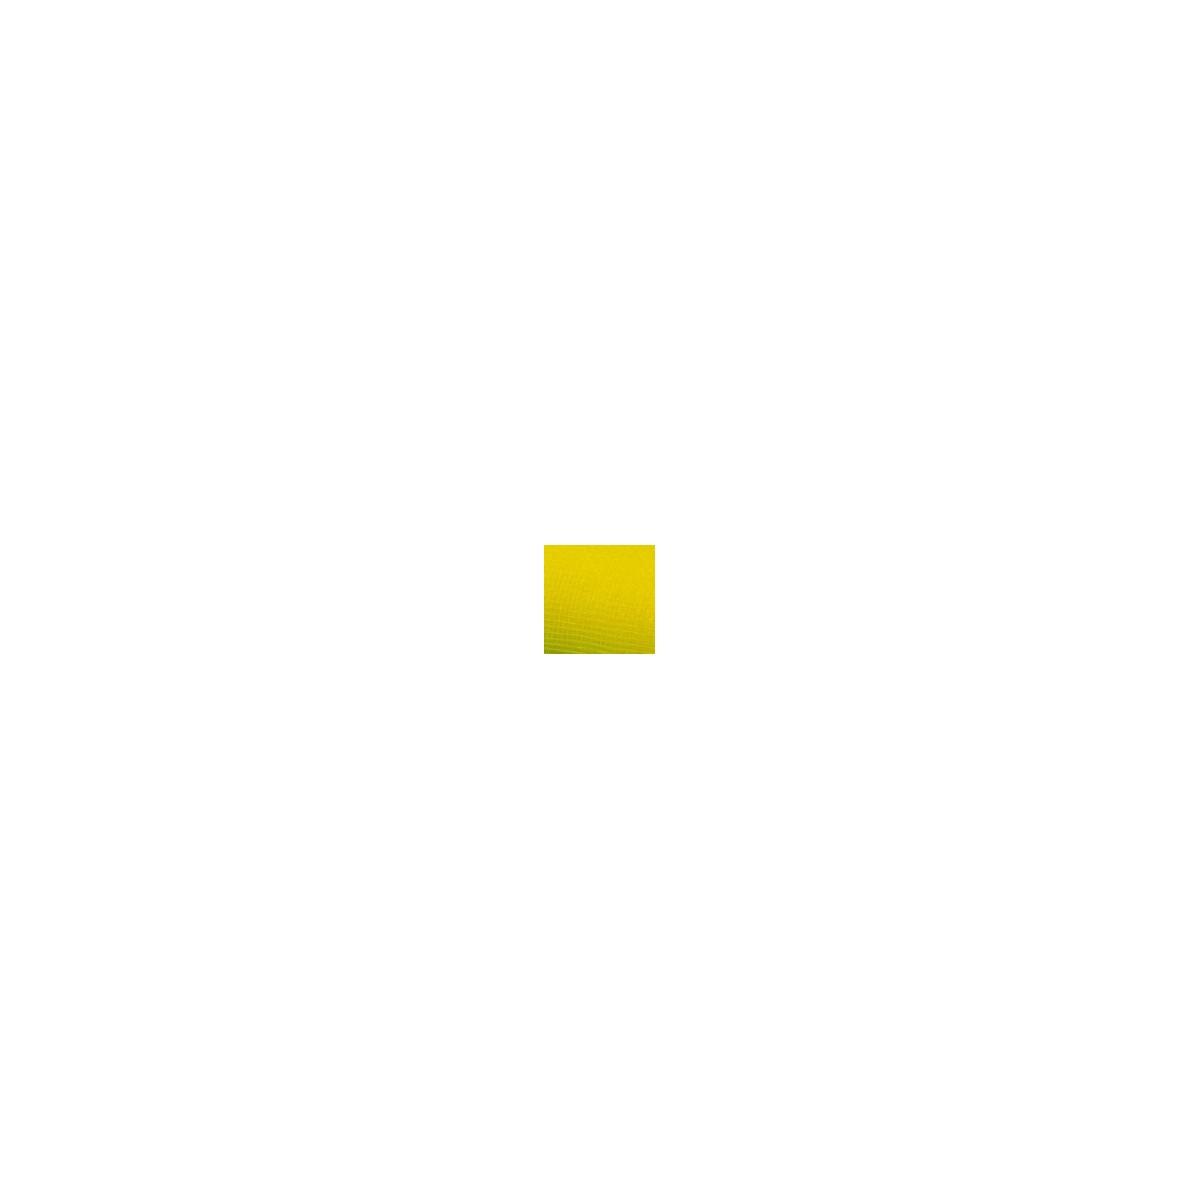 Deconet Telo Retina Cm.54x9,2 Mt. Giallo Limone